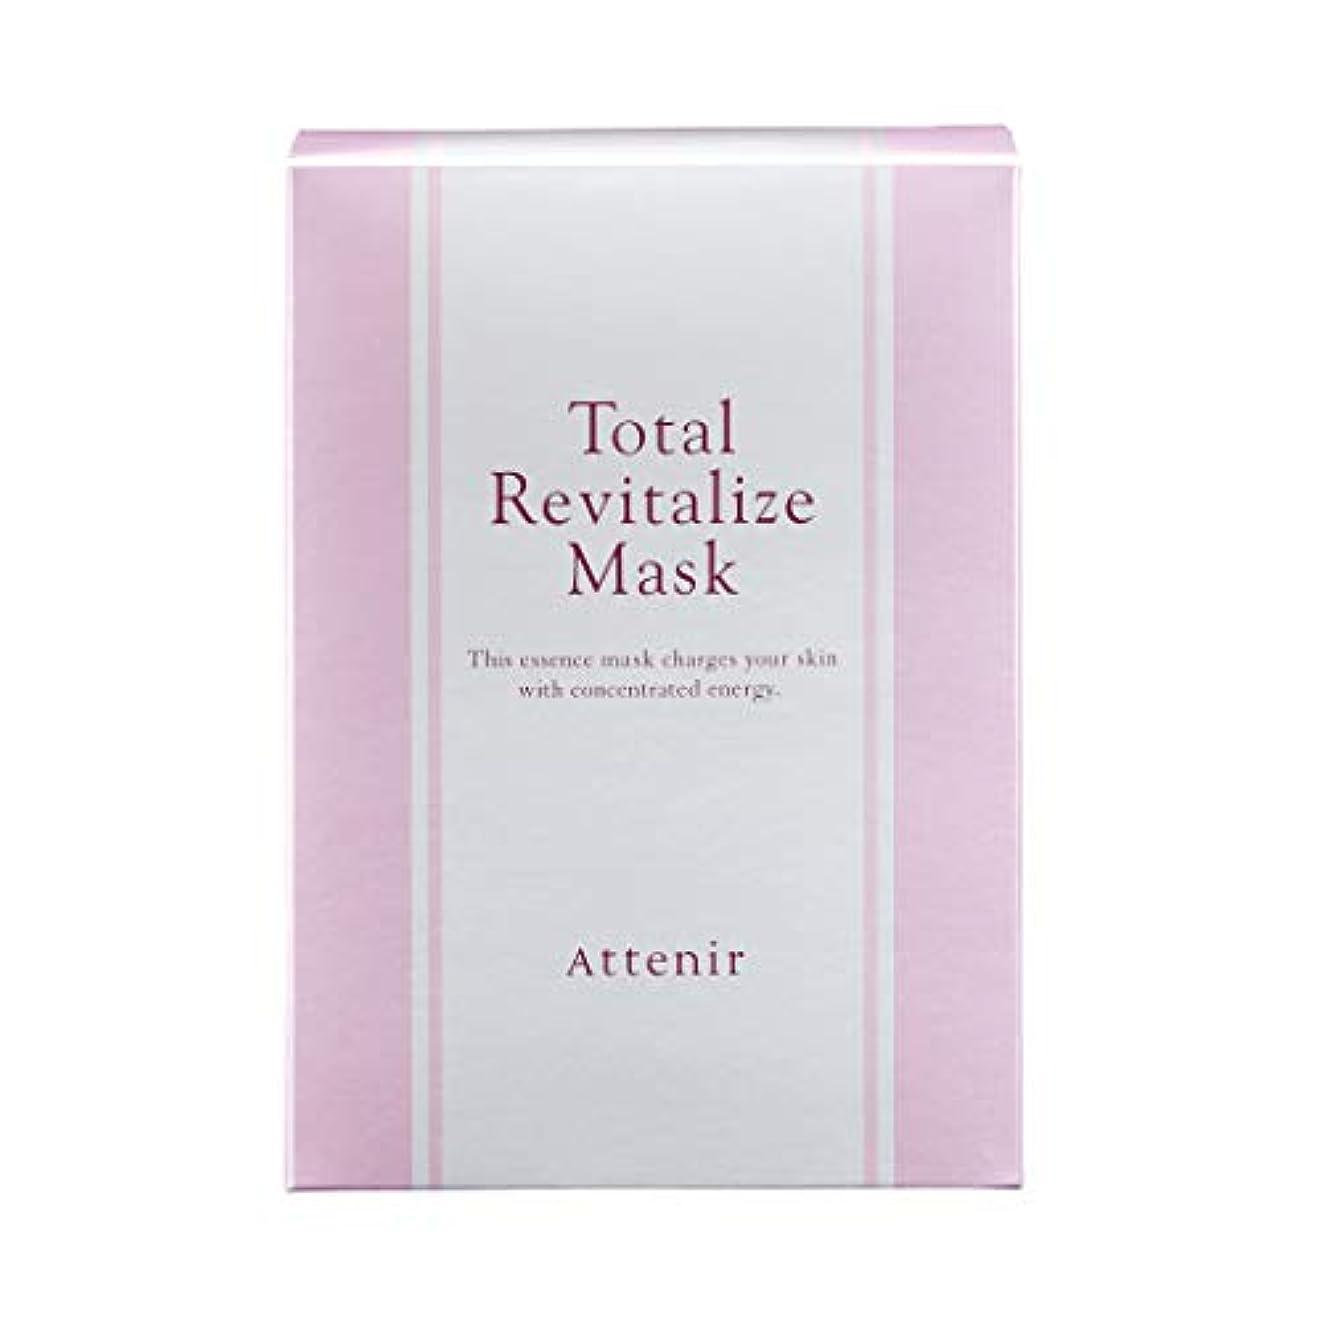 解釈する悲観主義者気怠いアテニア トータルリヴァイタライズ マスク肌疲労ケアシートマスク 全顔用 6包入り フェイスパック